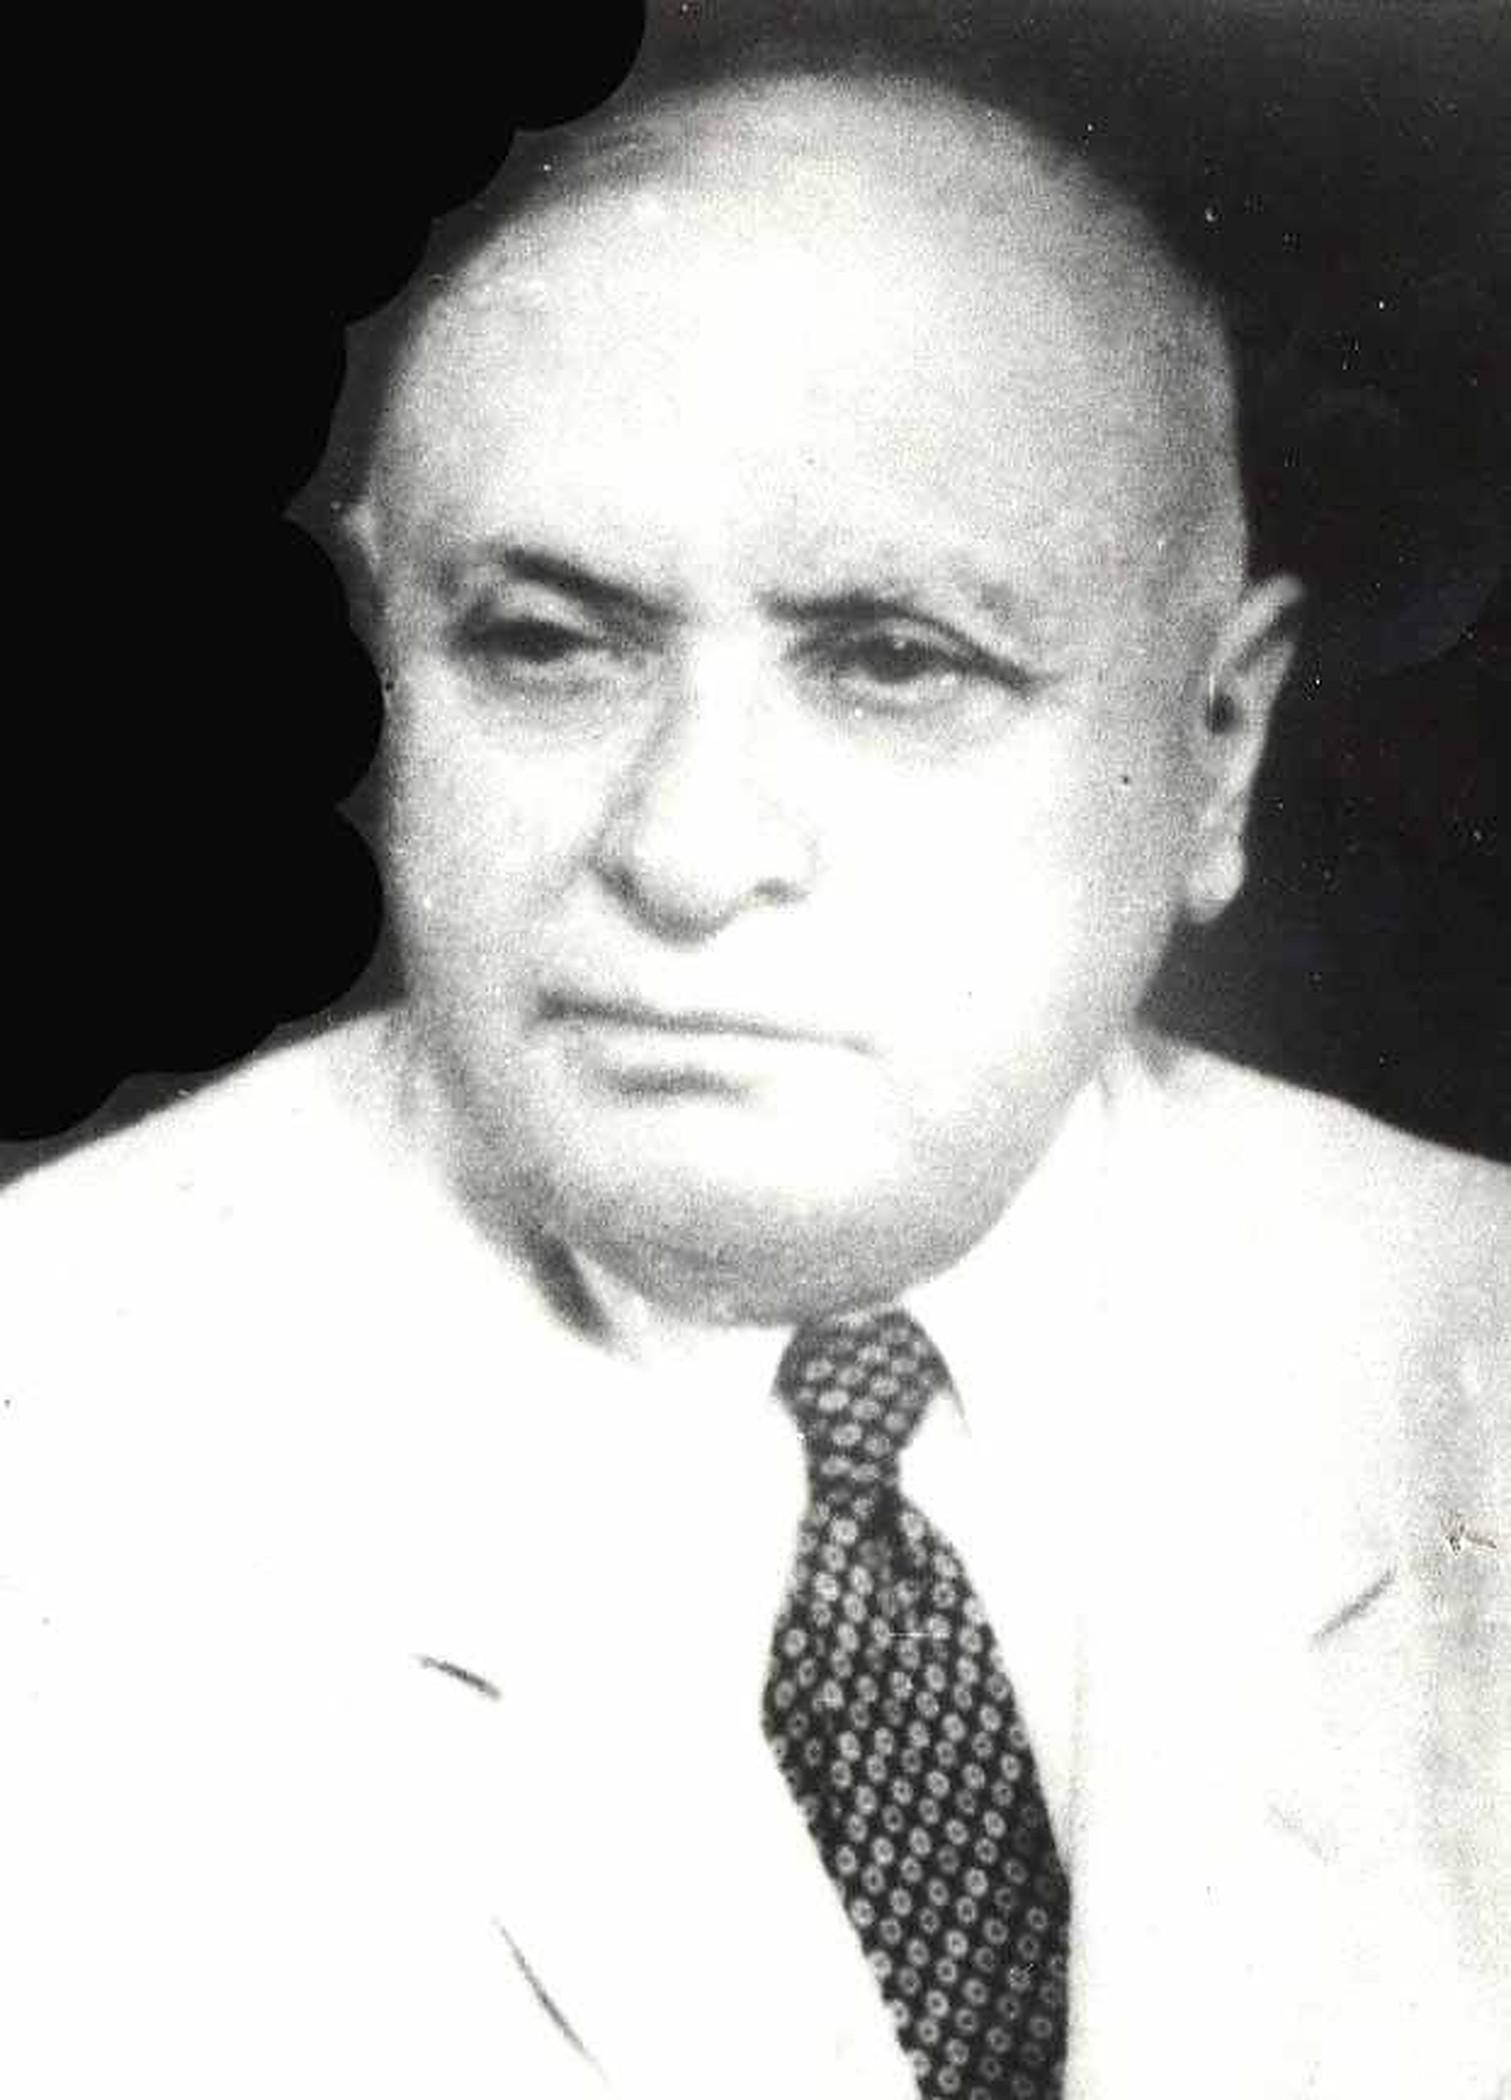 Dr. Alexandru D. Rădulescu. Chirurg ortoped şi traumatolog, scriitor